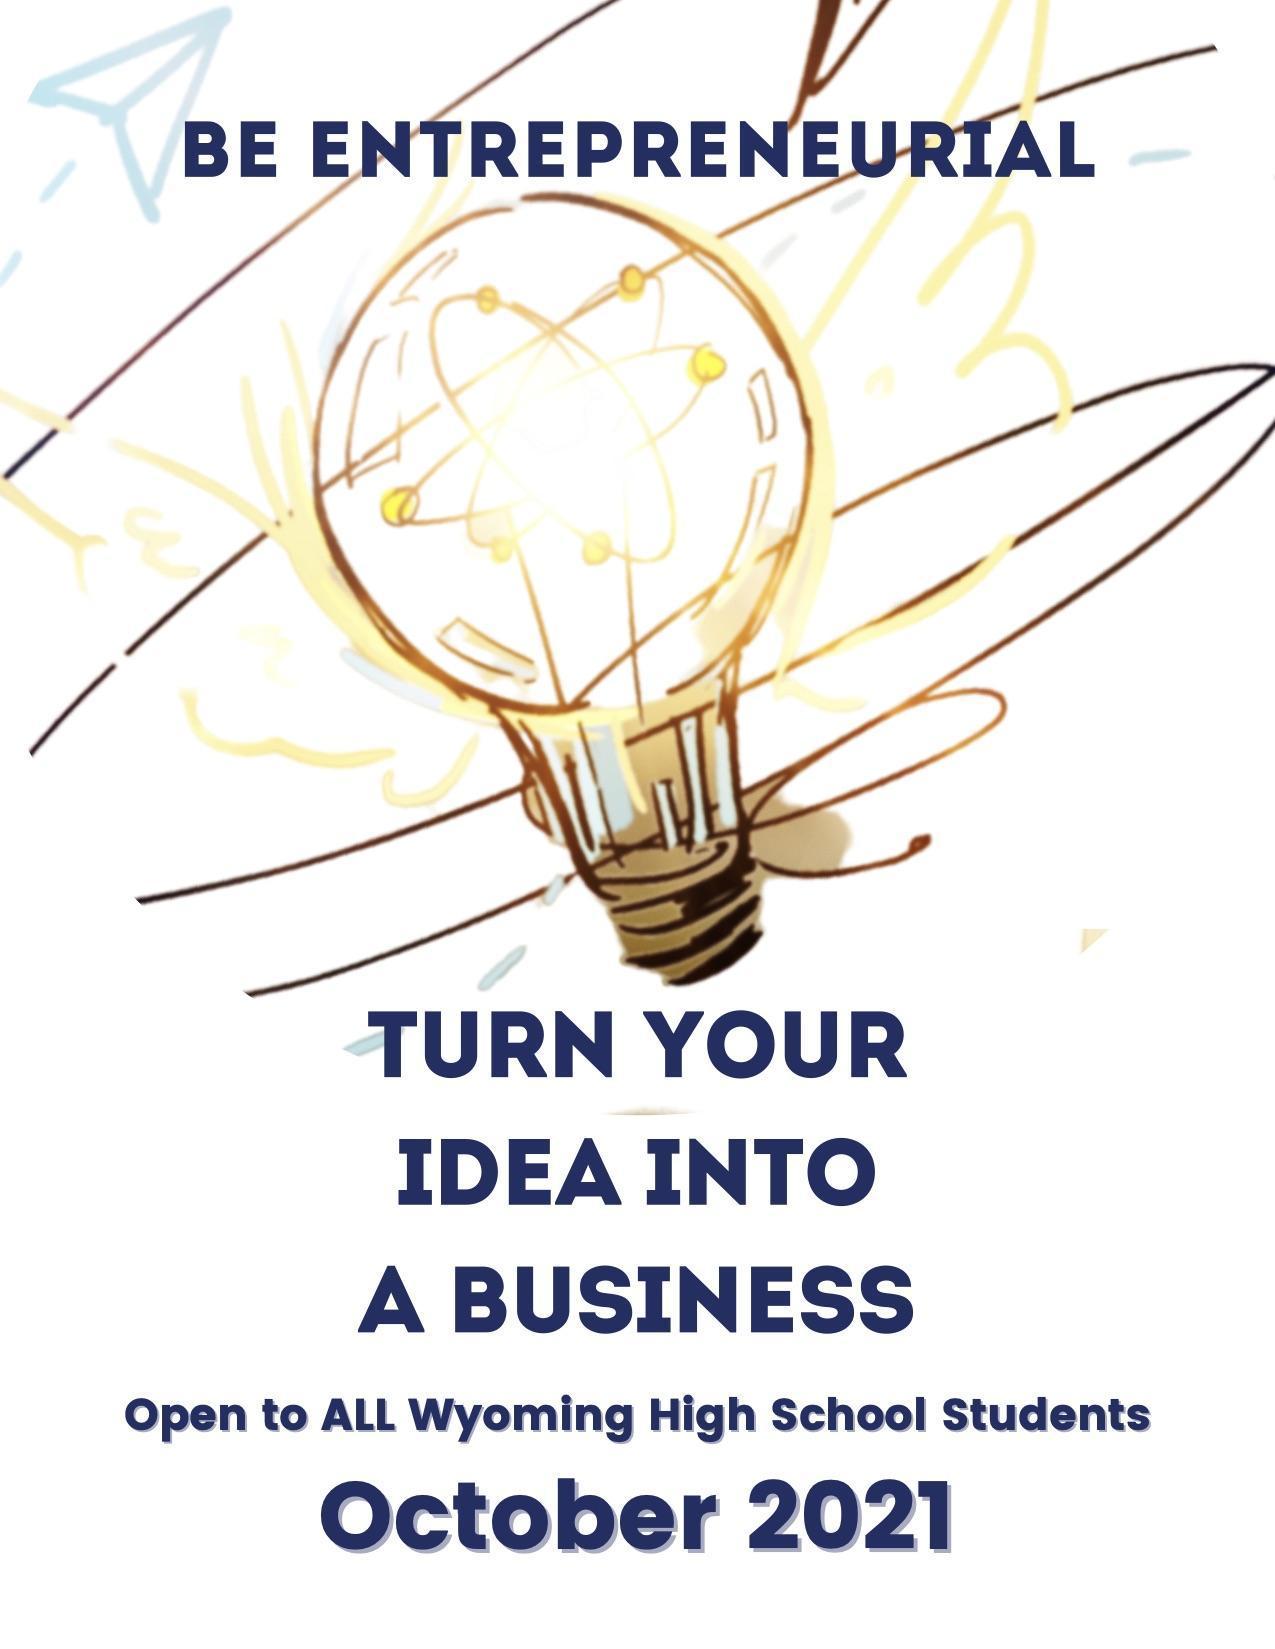 Be Entrepreneurial Program Flyer